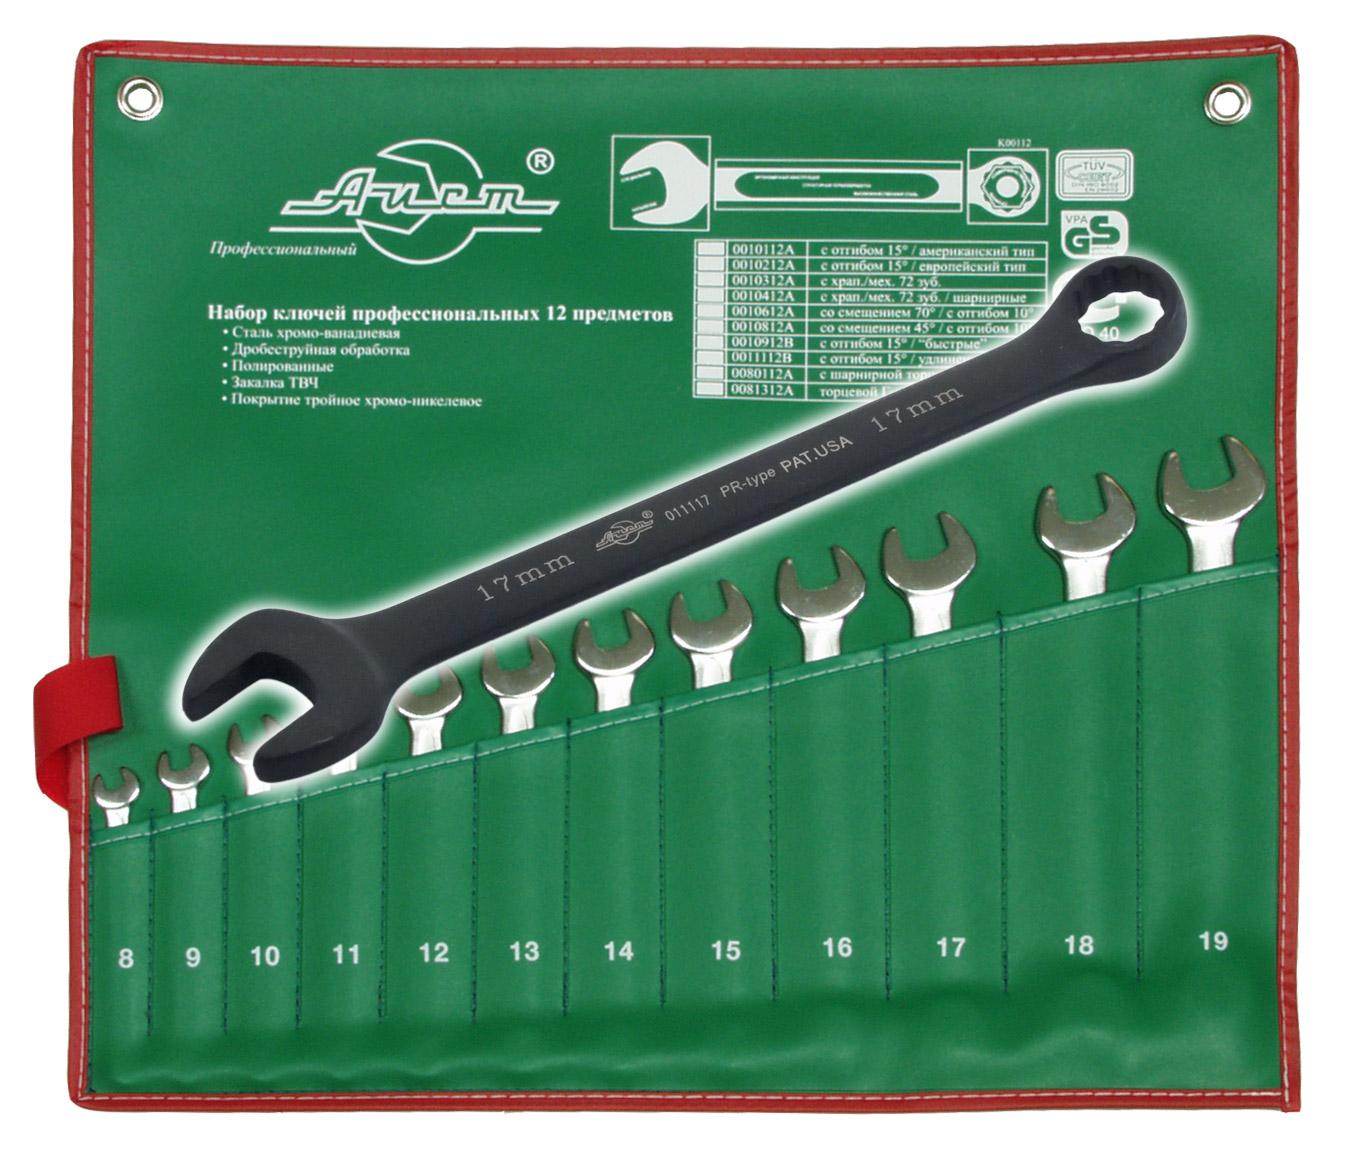 Набор комбинированных гаечных ключей,12 шт. Aist 11112 (8 - 19 мм) цена